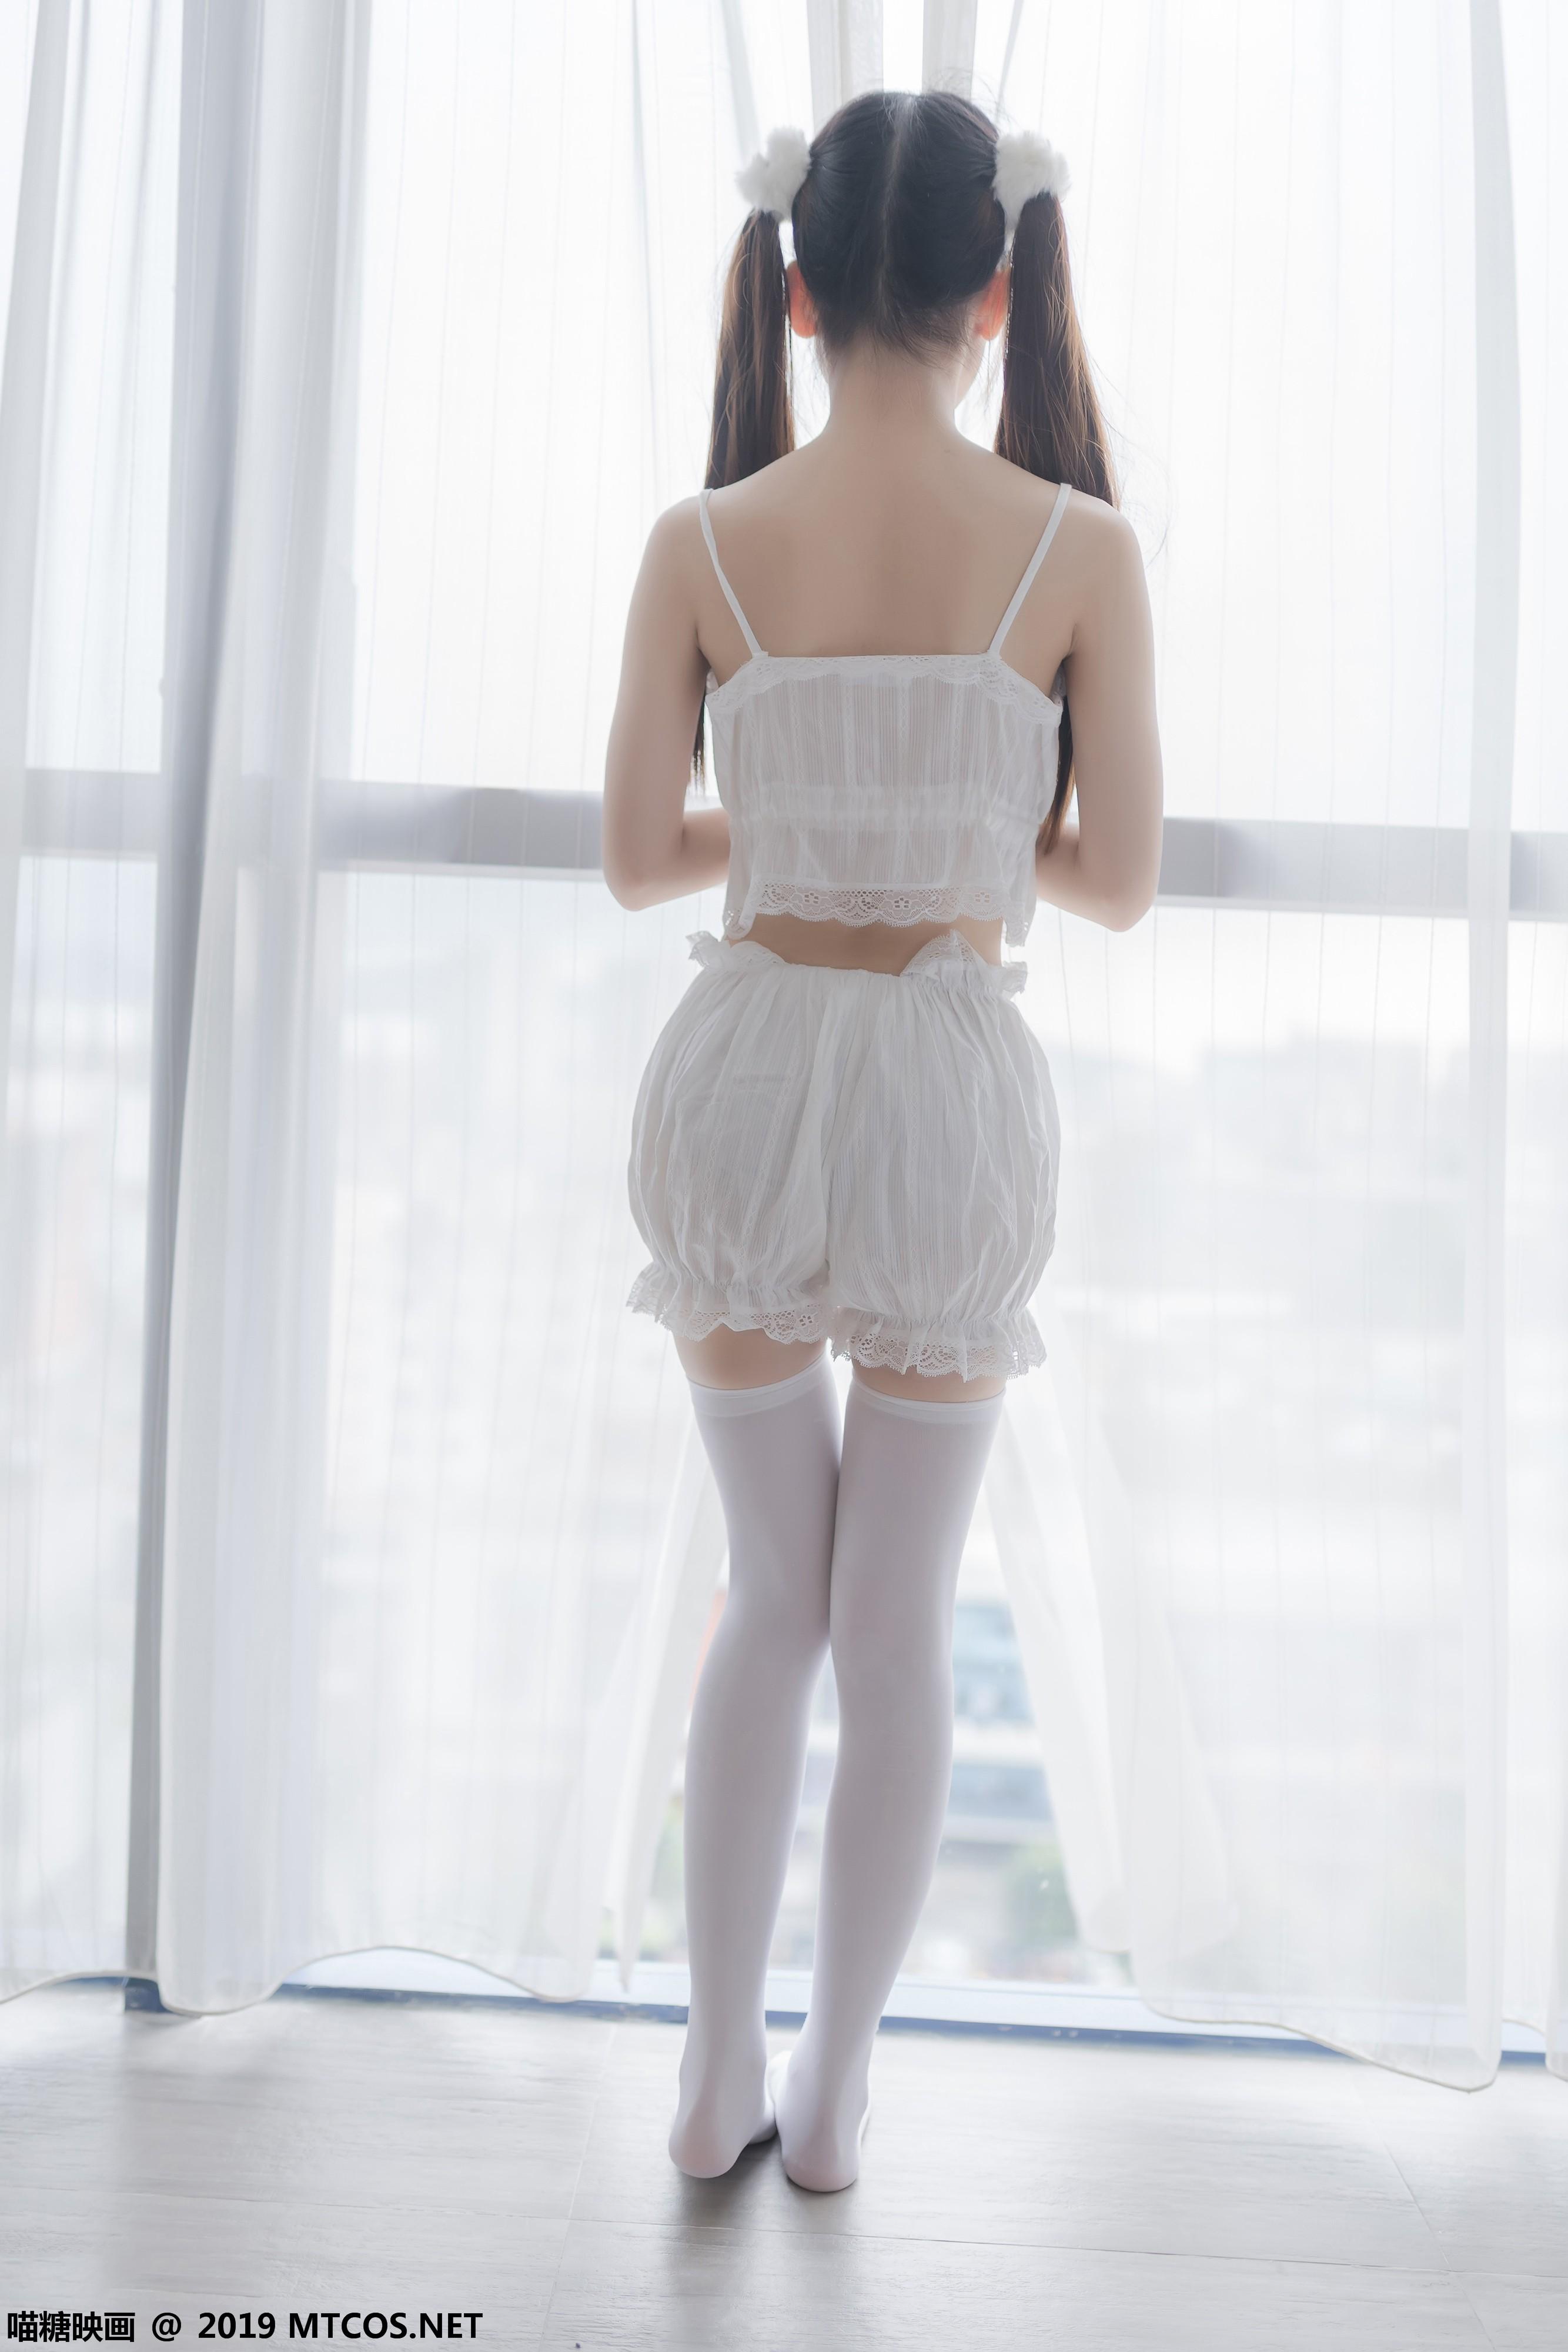 喵糖映画白丝元气双马尾写真,纯白少女带给你初恋般感觉